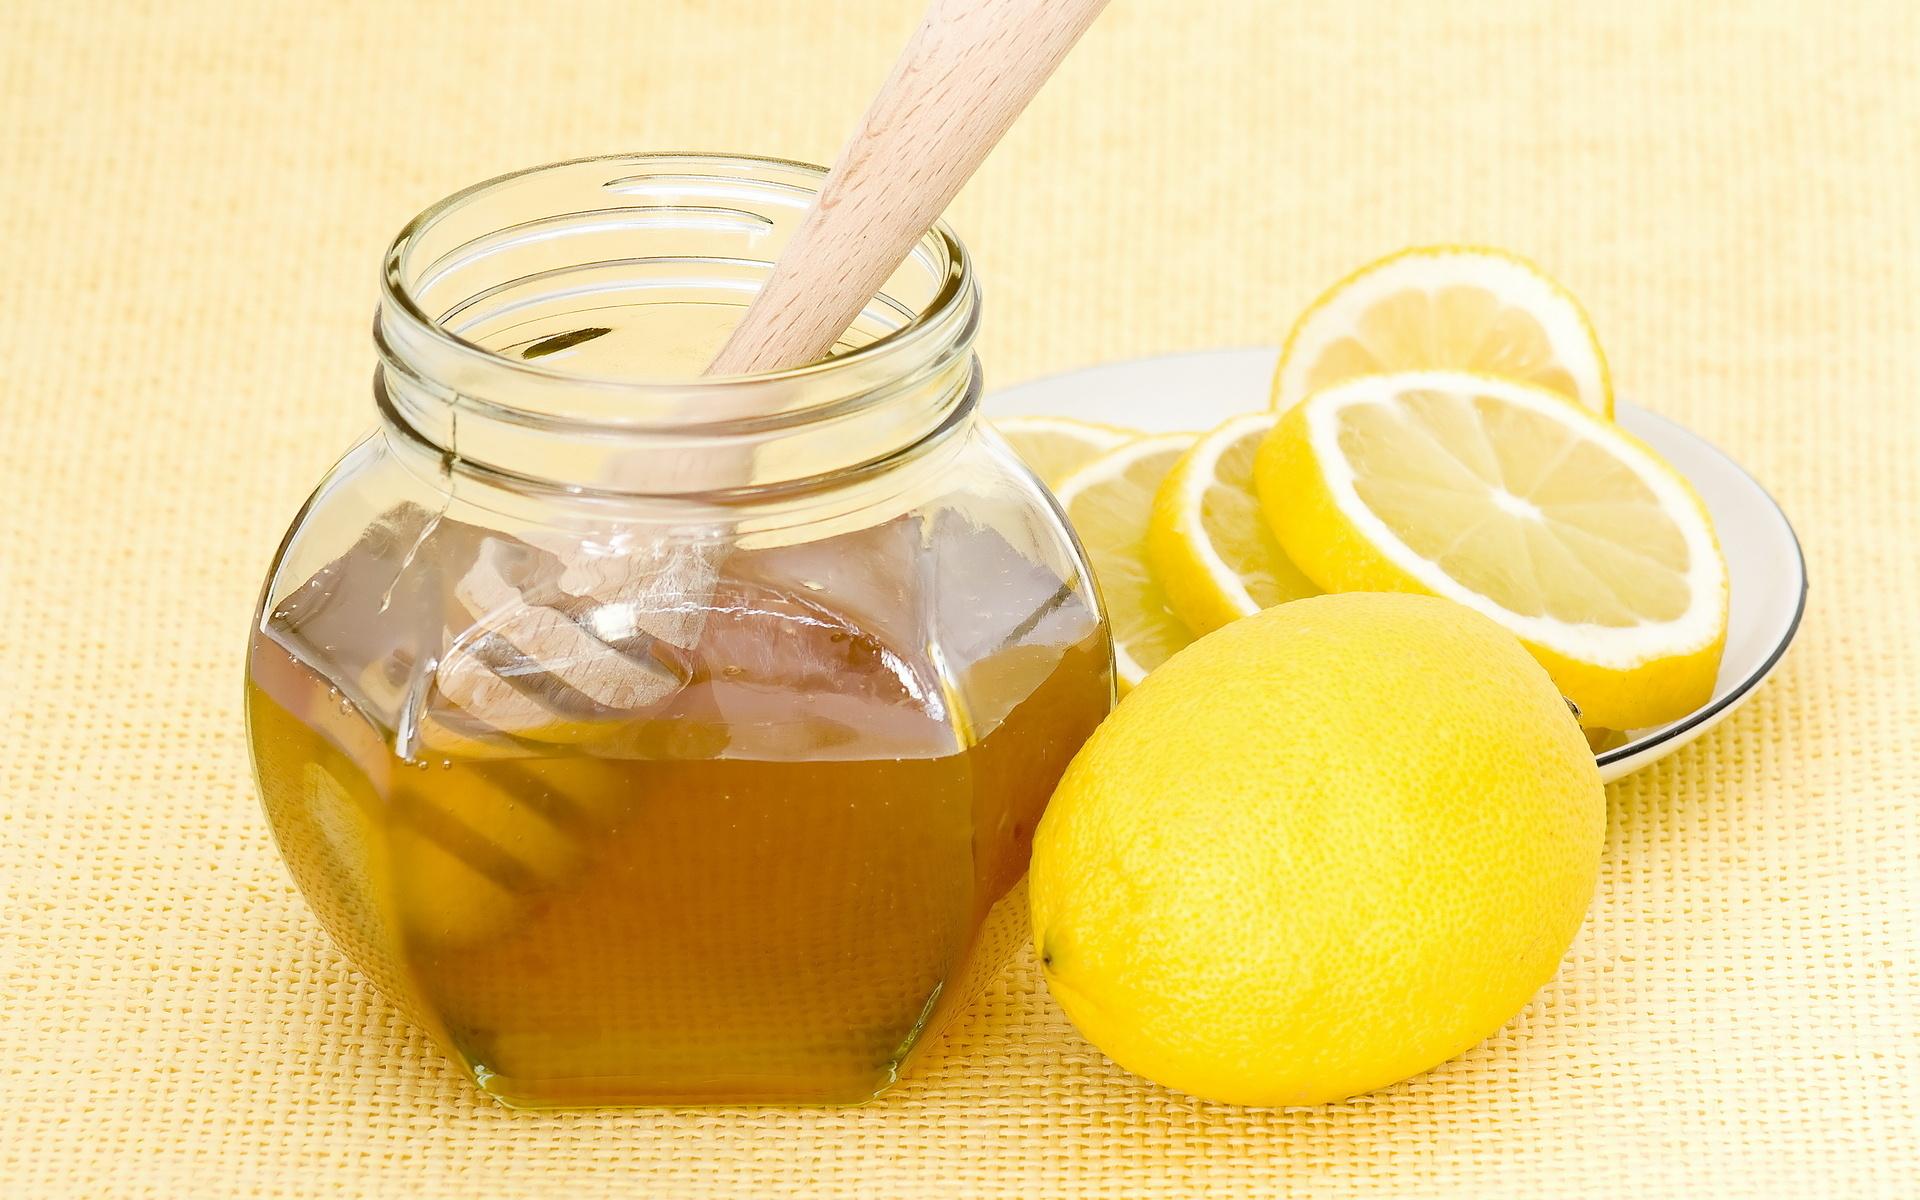 банка с медом, мед с лимоном, скачать фото, обои на рабочий стол